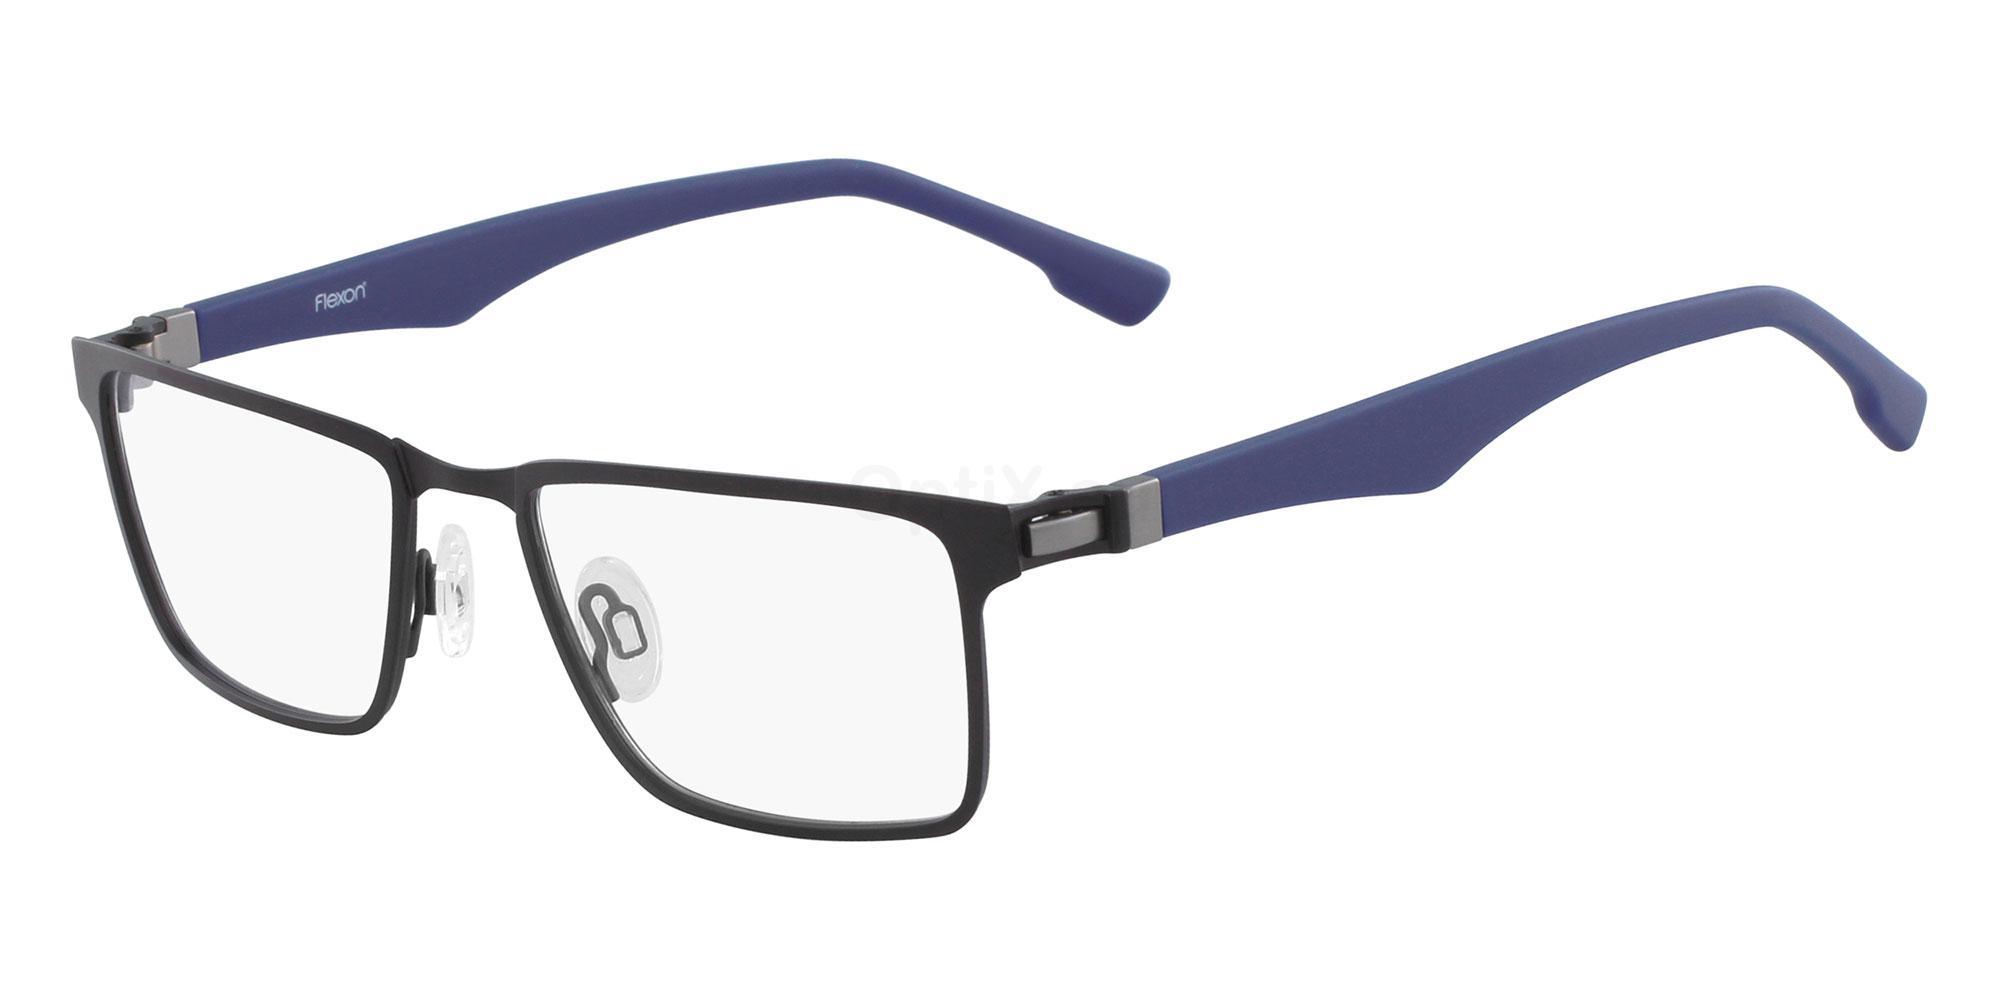 002 FLEXON E1071 Glasses, Flexon